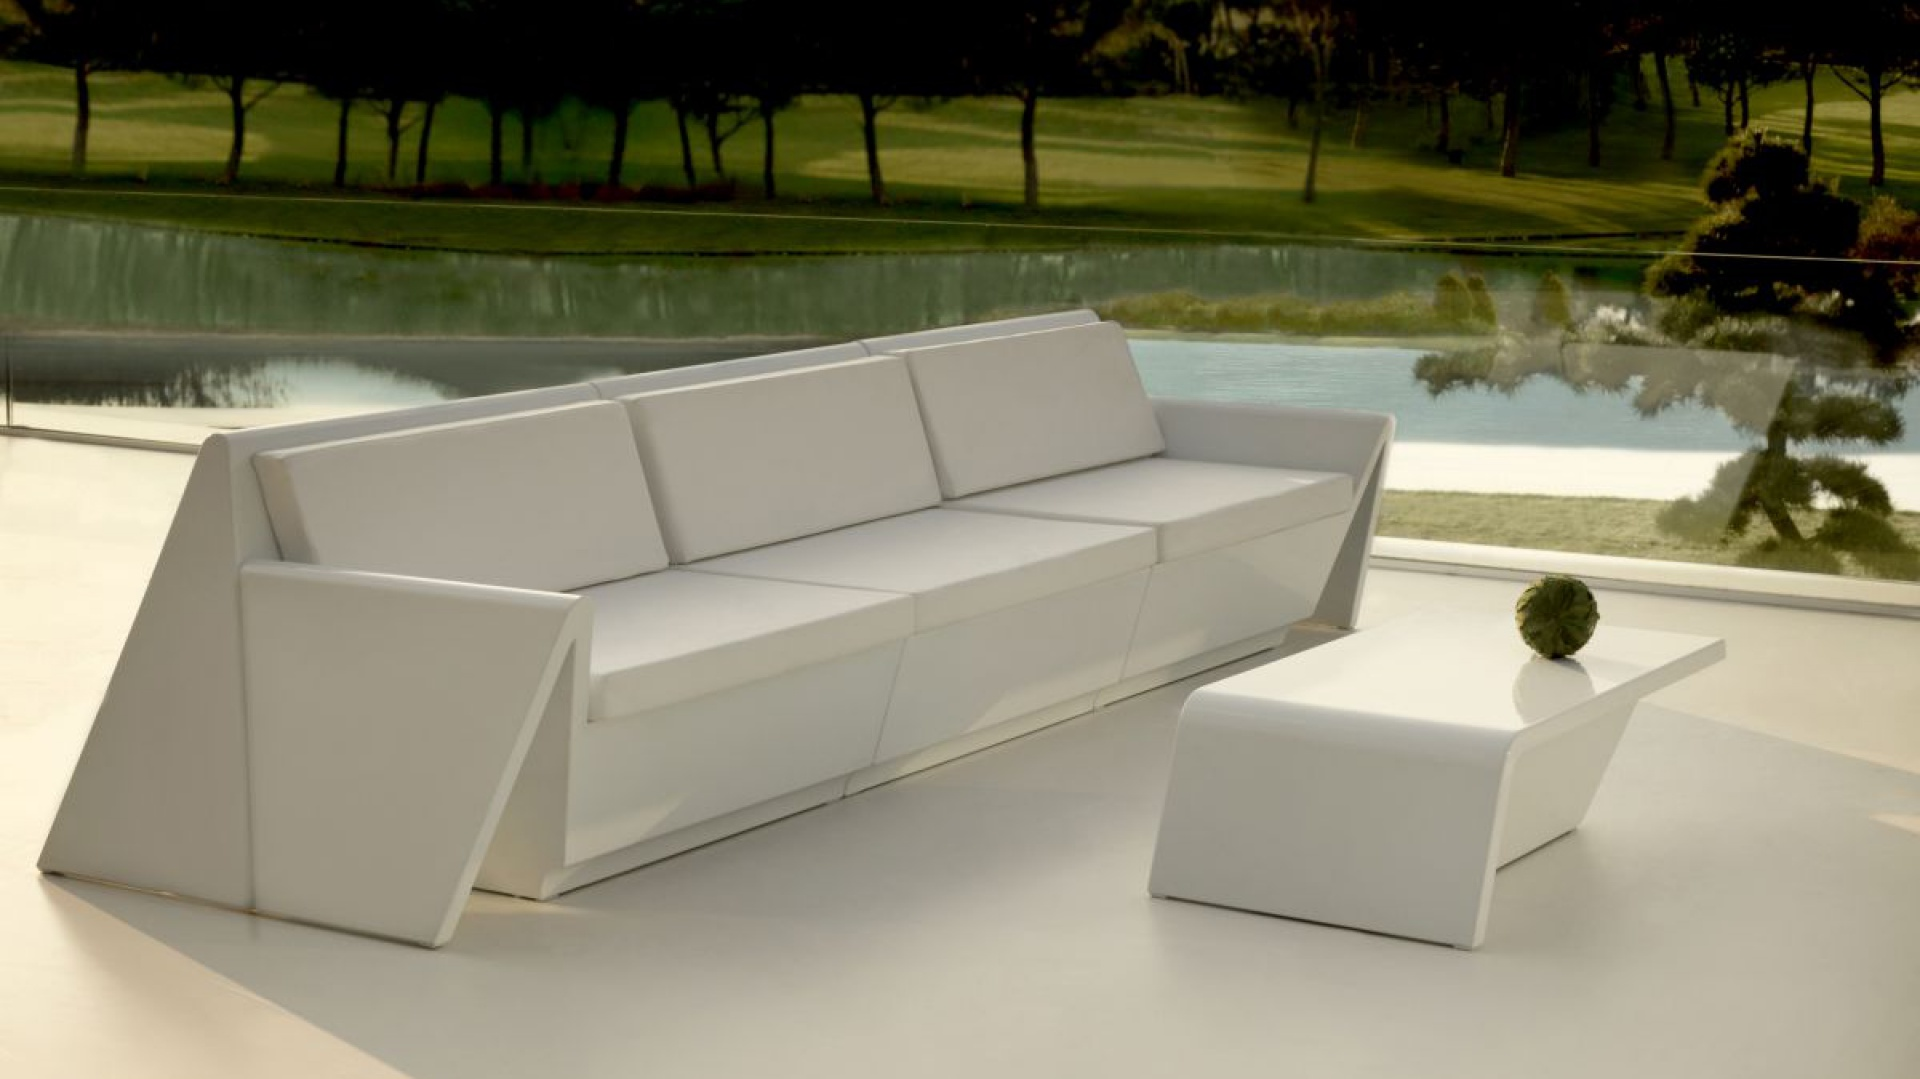 W kolekcji Rest inspirowanej sztuką origami meble z nowoczesnego tworzywa uzupełniono o miękkie siedziska i oparcia. Fot. Vondom